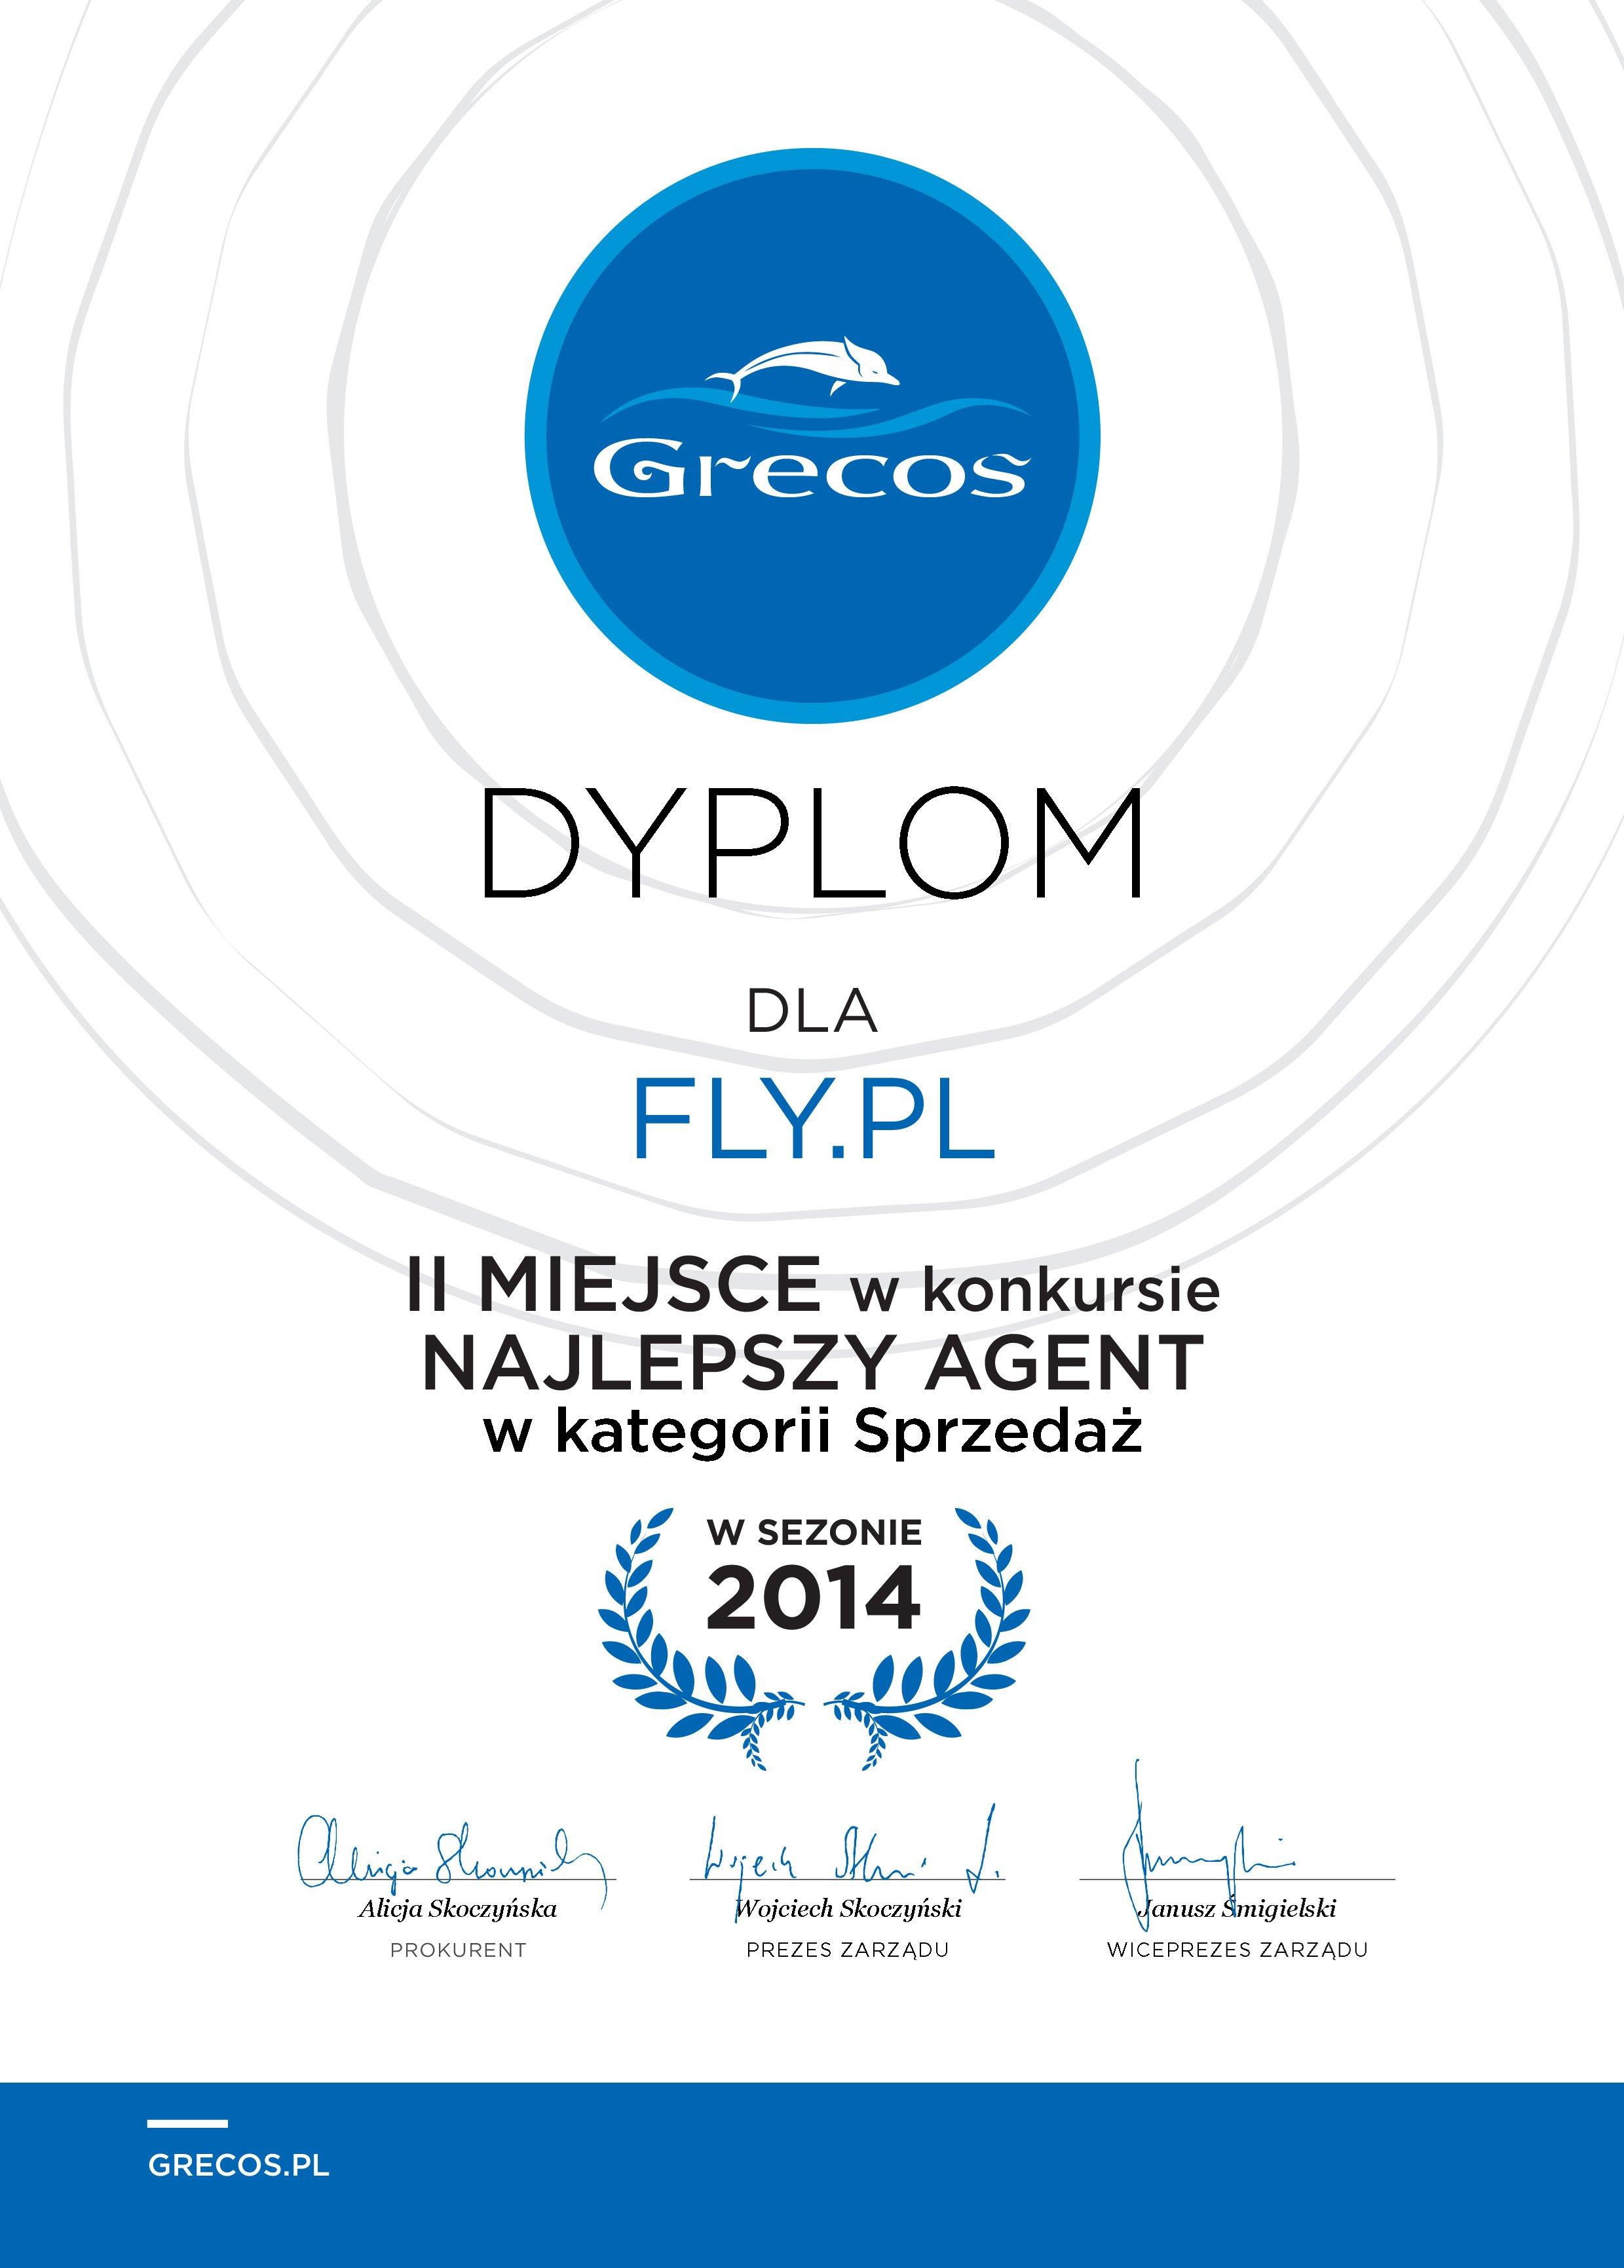 Dyplom Grecos Holiday dla FLY.PL